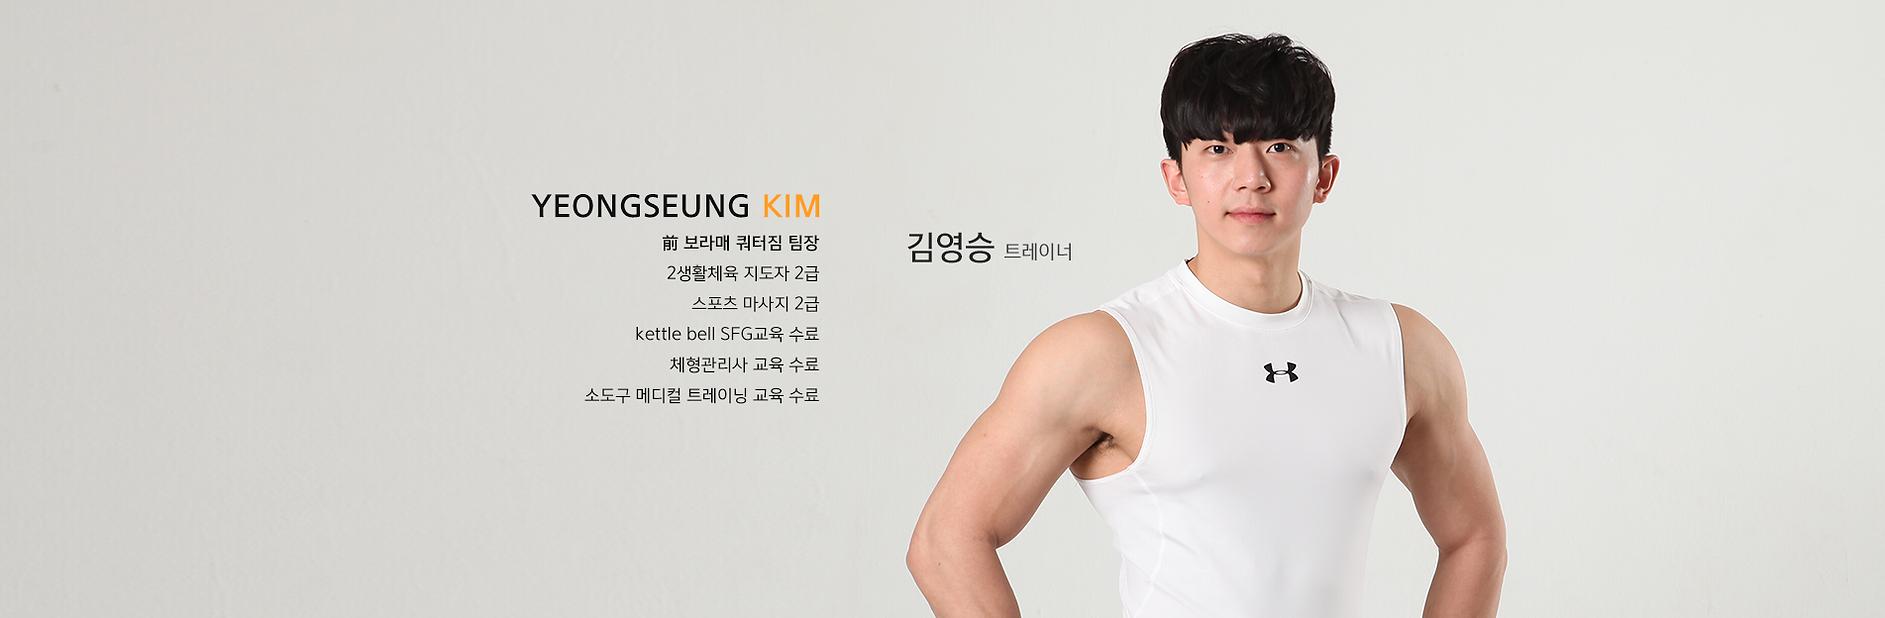 김영승 트레이너.png